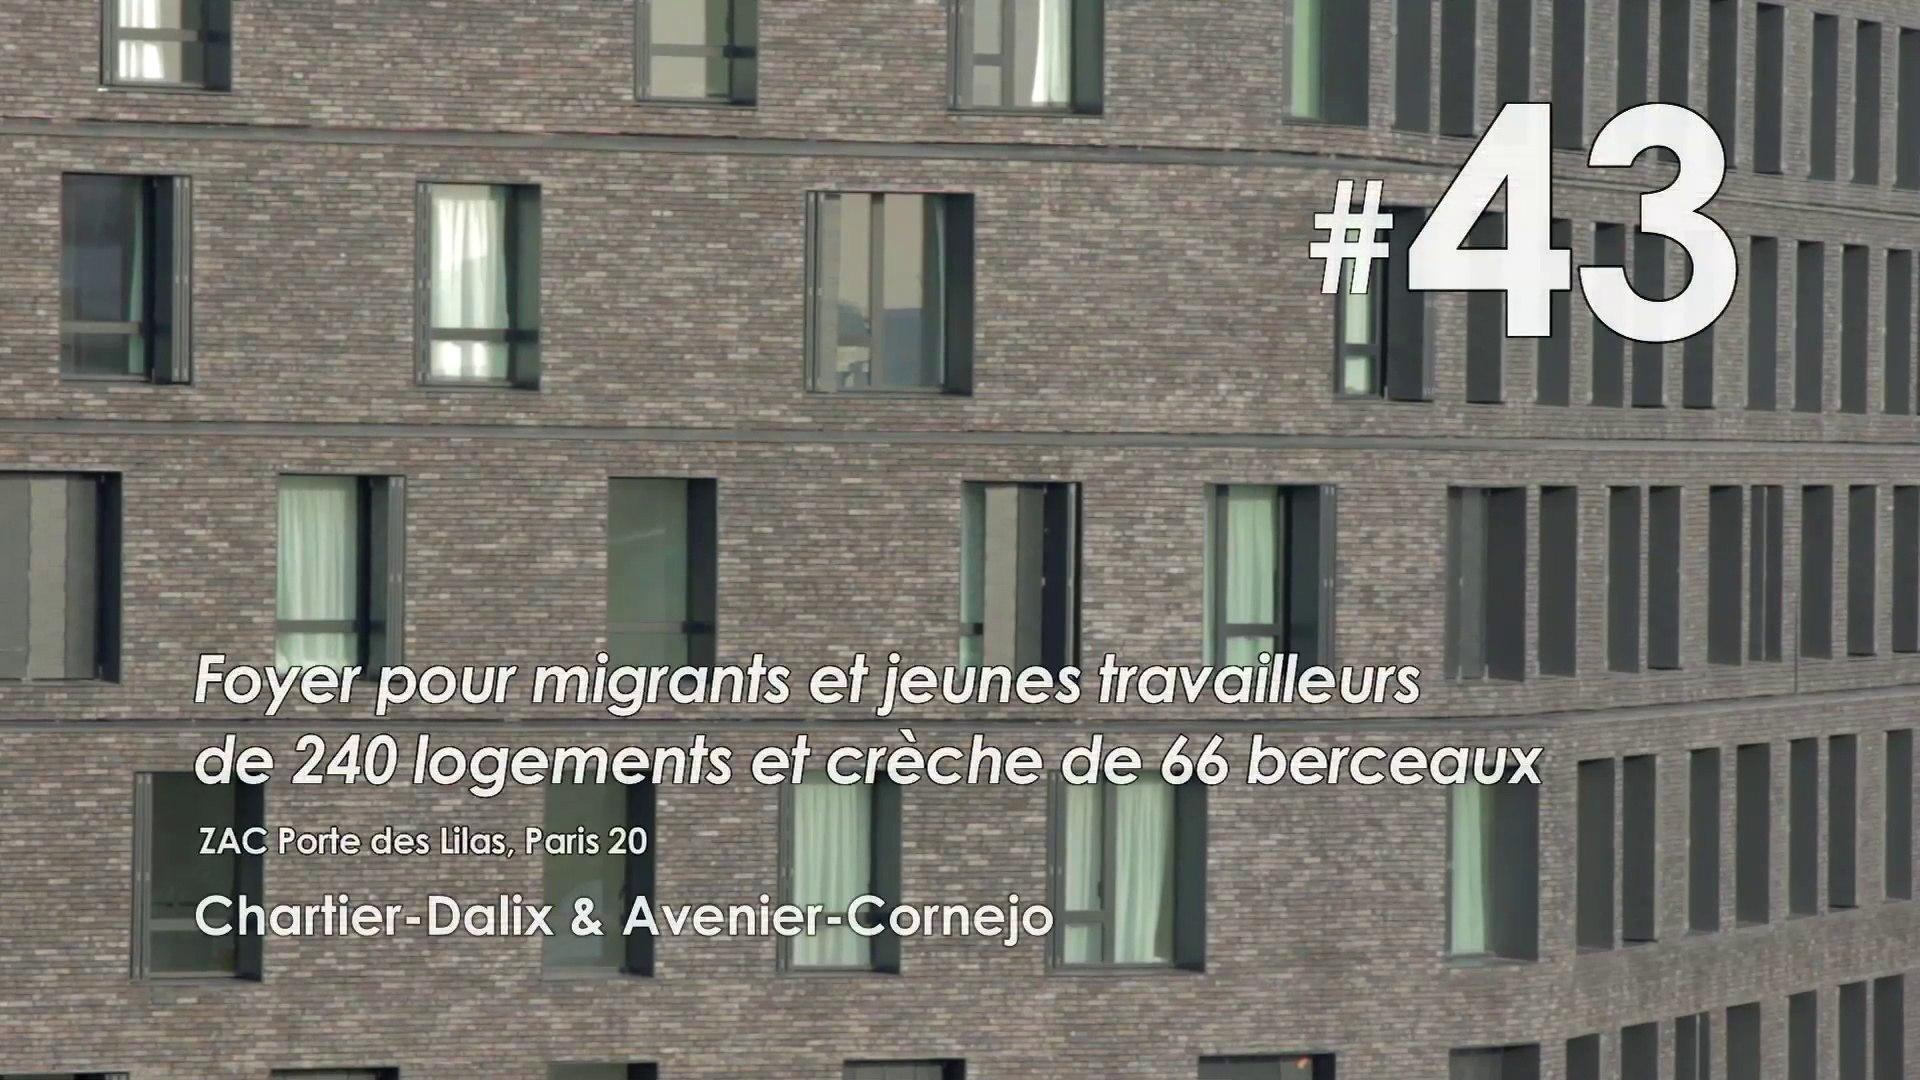 #43 Foyer pour migrants - jeunes travailleurs et crèche, ZAC Porte des Lilas, Paris 19